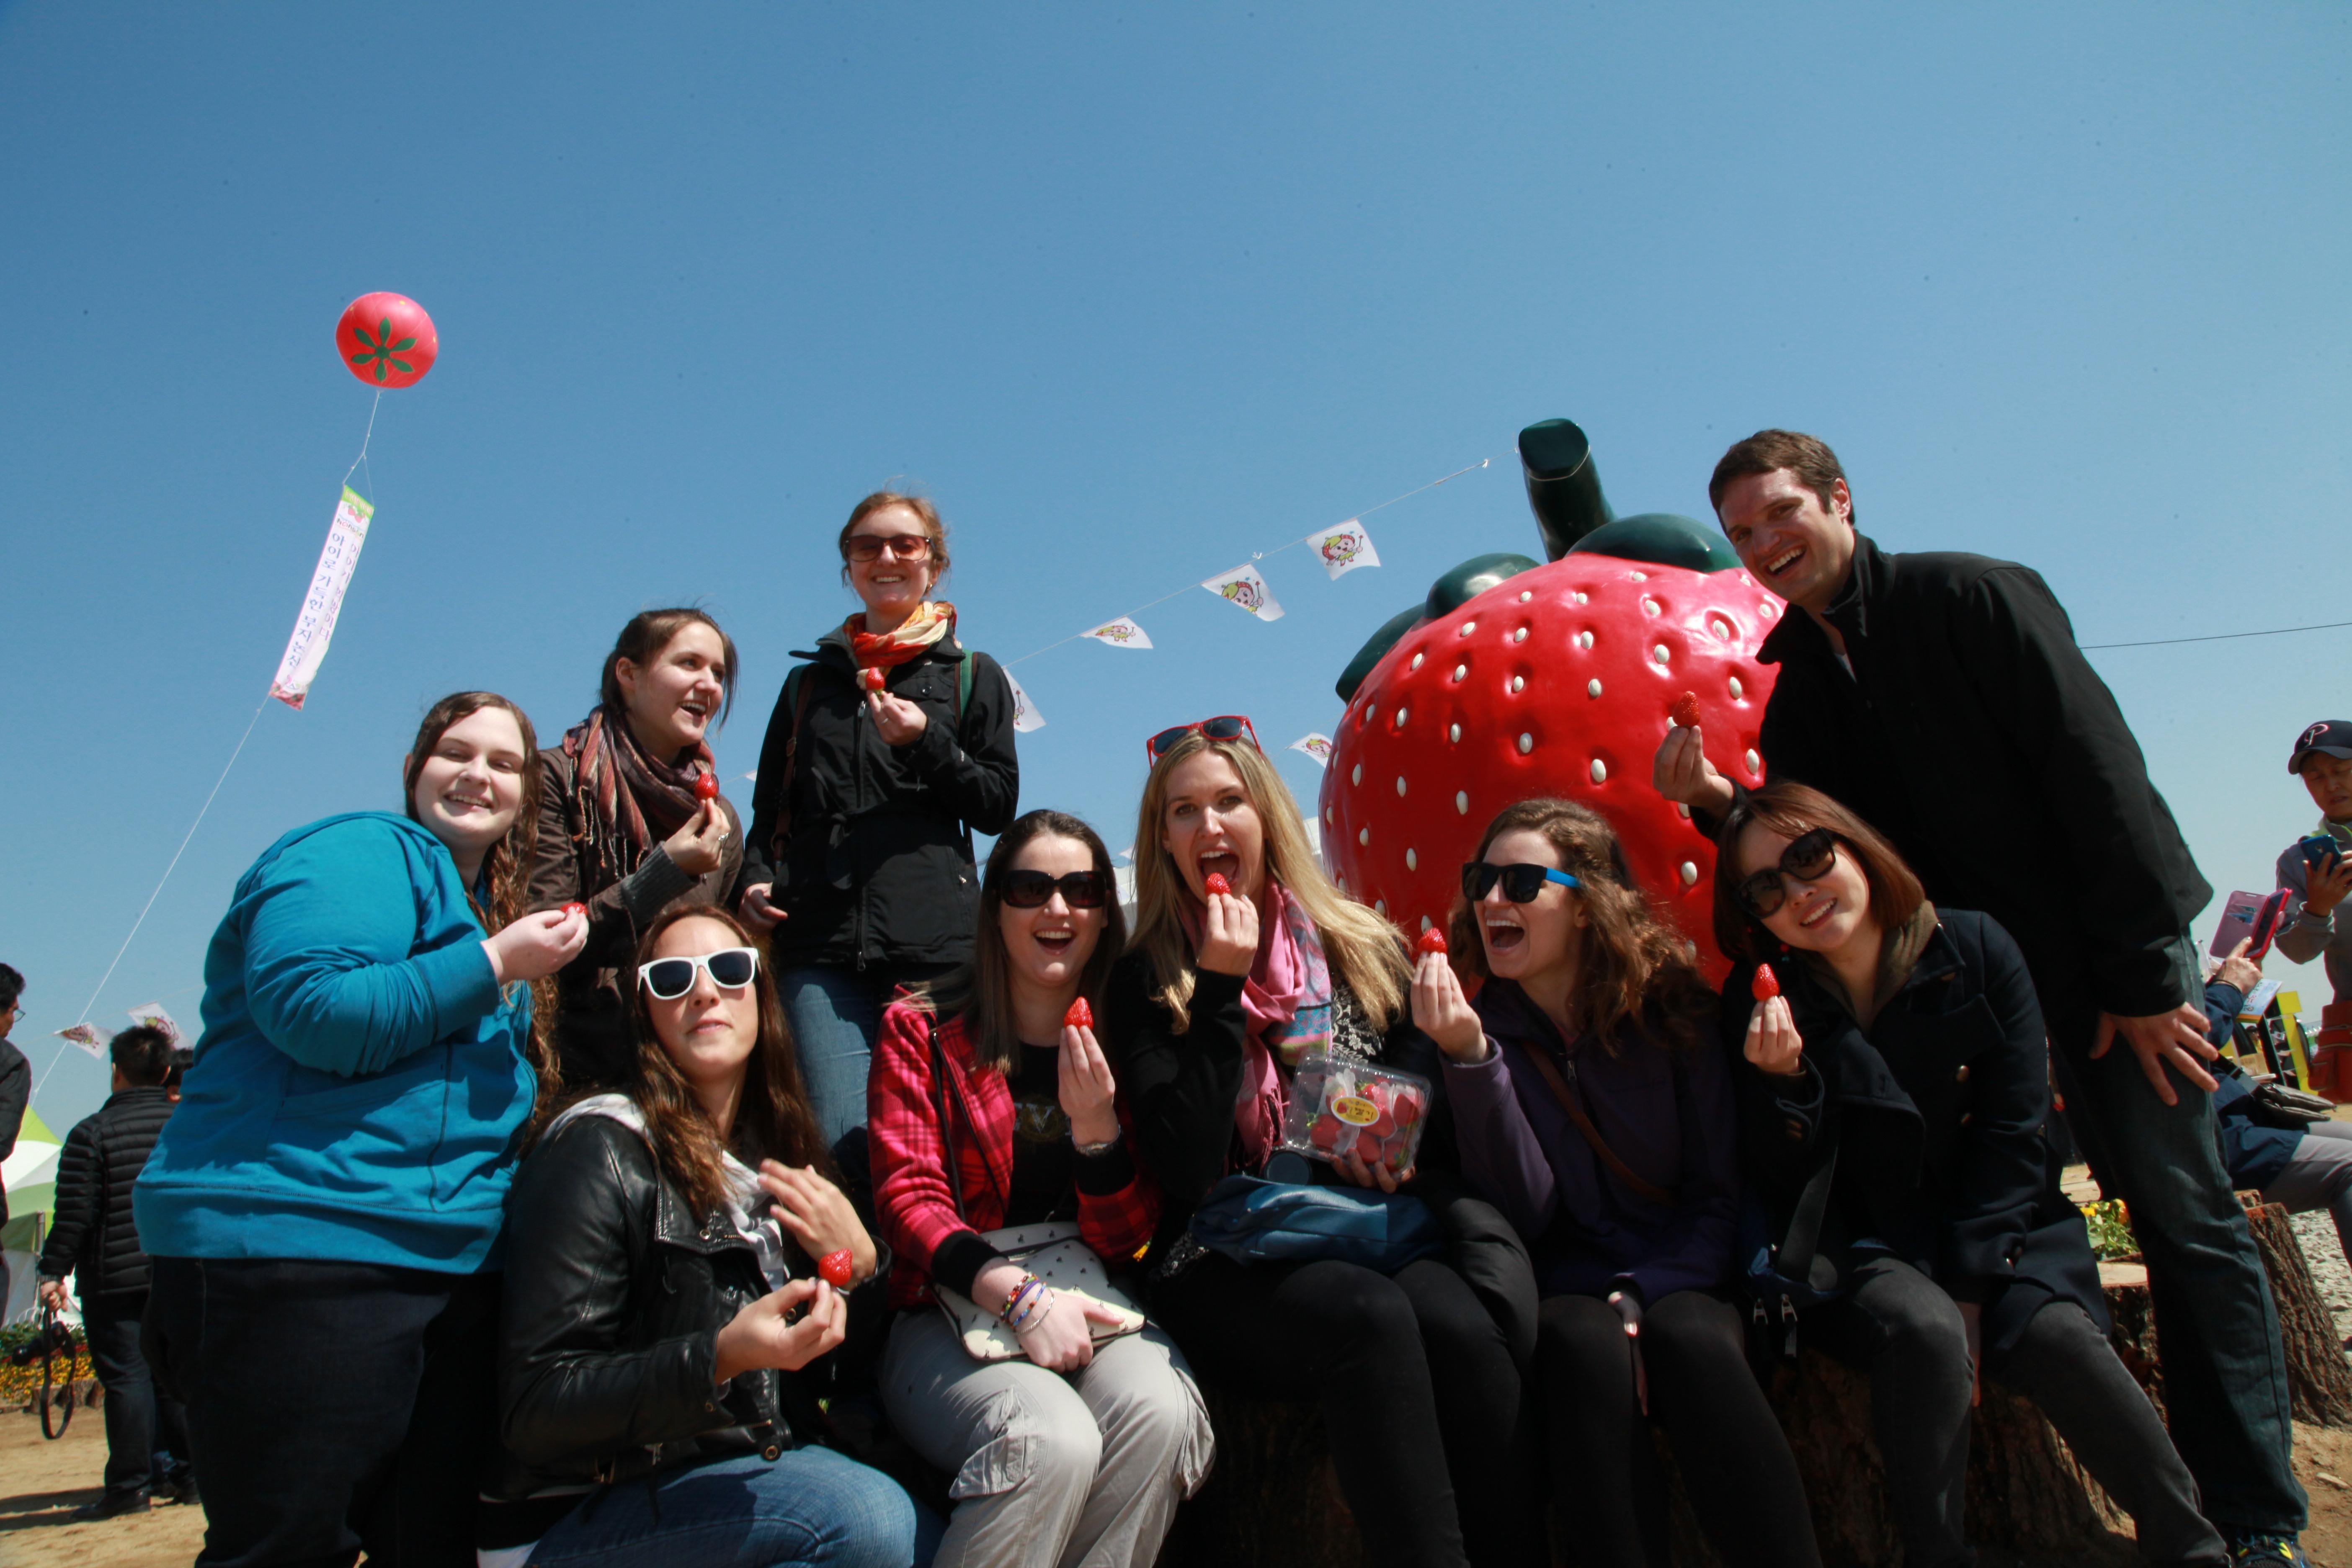 논산딸기축제,지역축제,축제정보